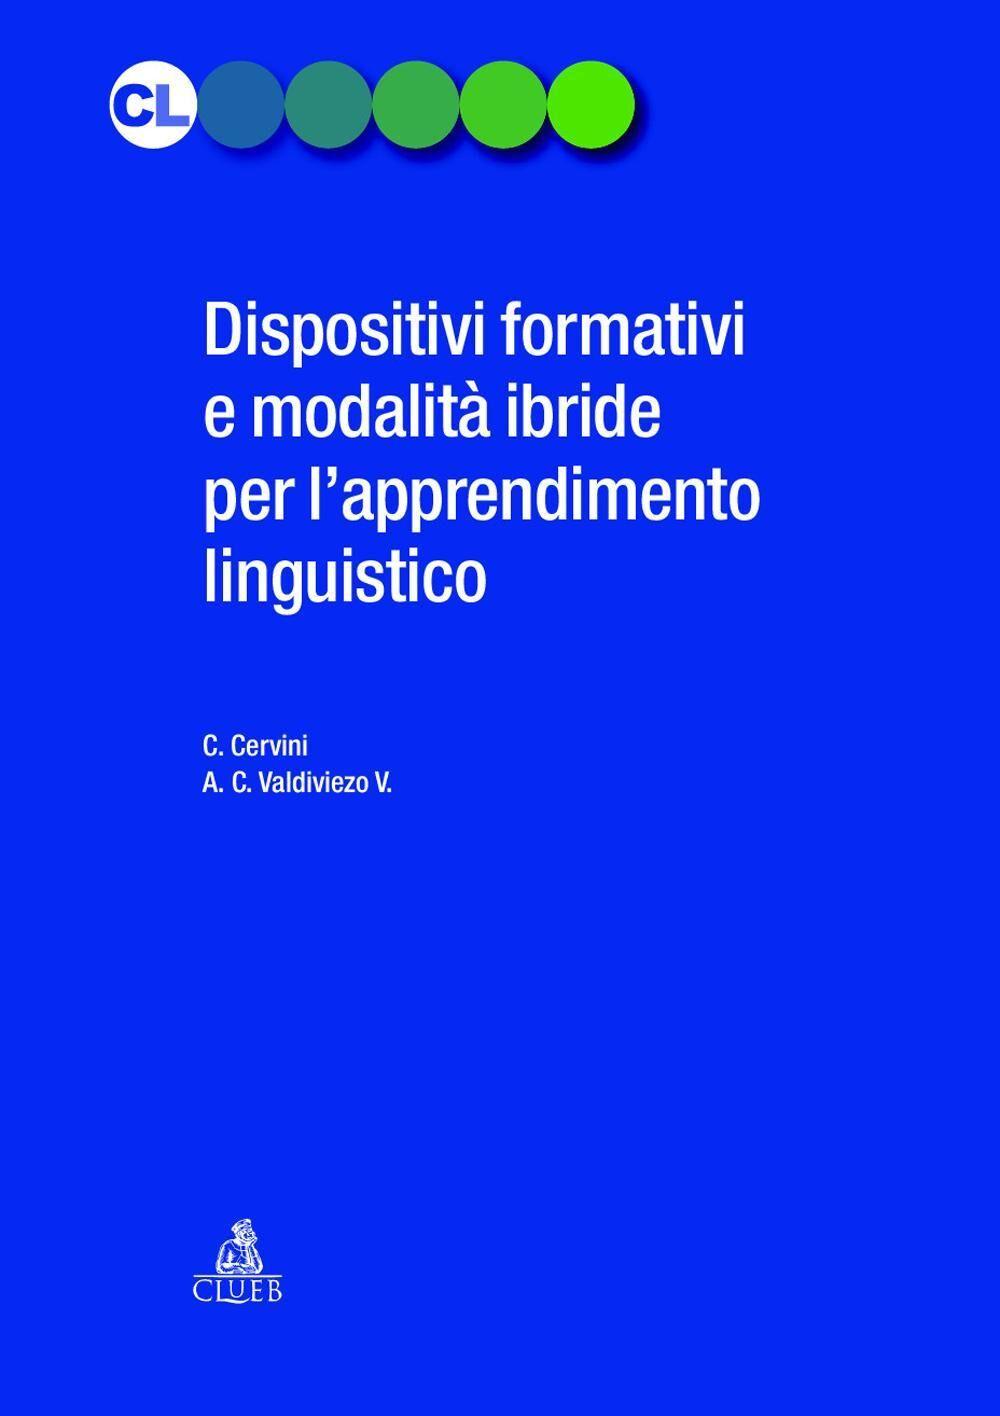 Dispositivi formativi e modalità ibride per l'apprendimento linguistico